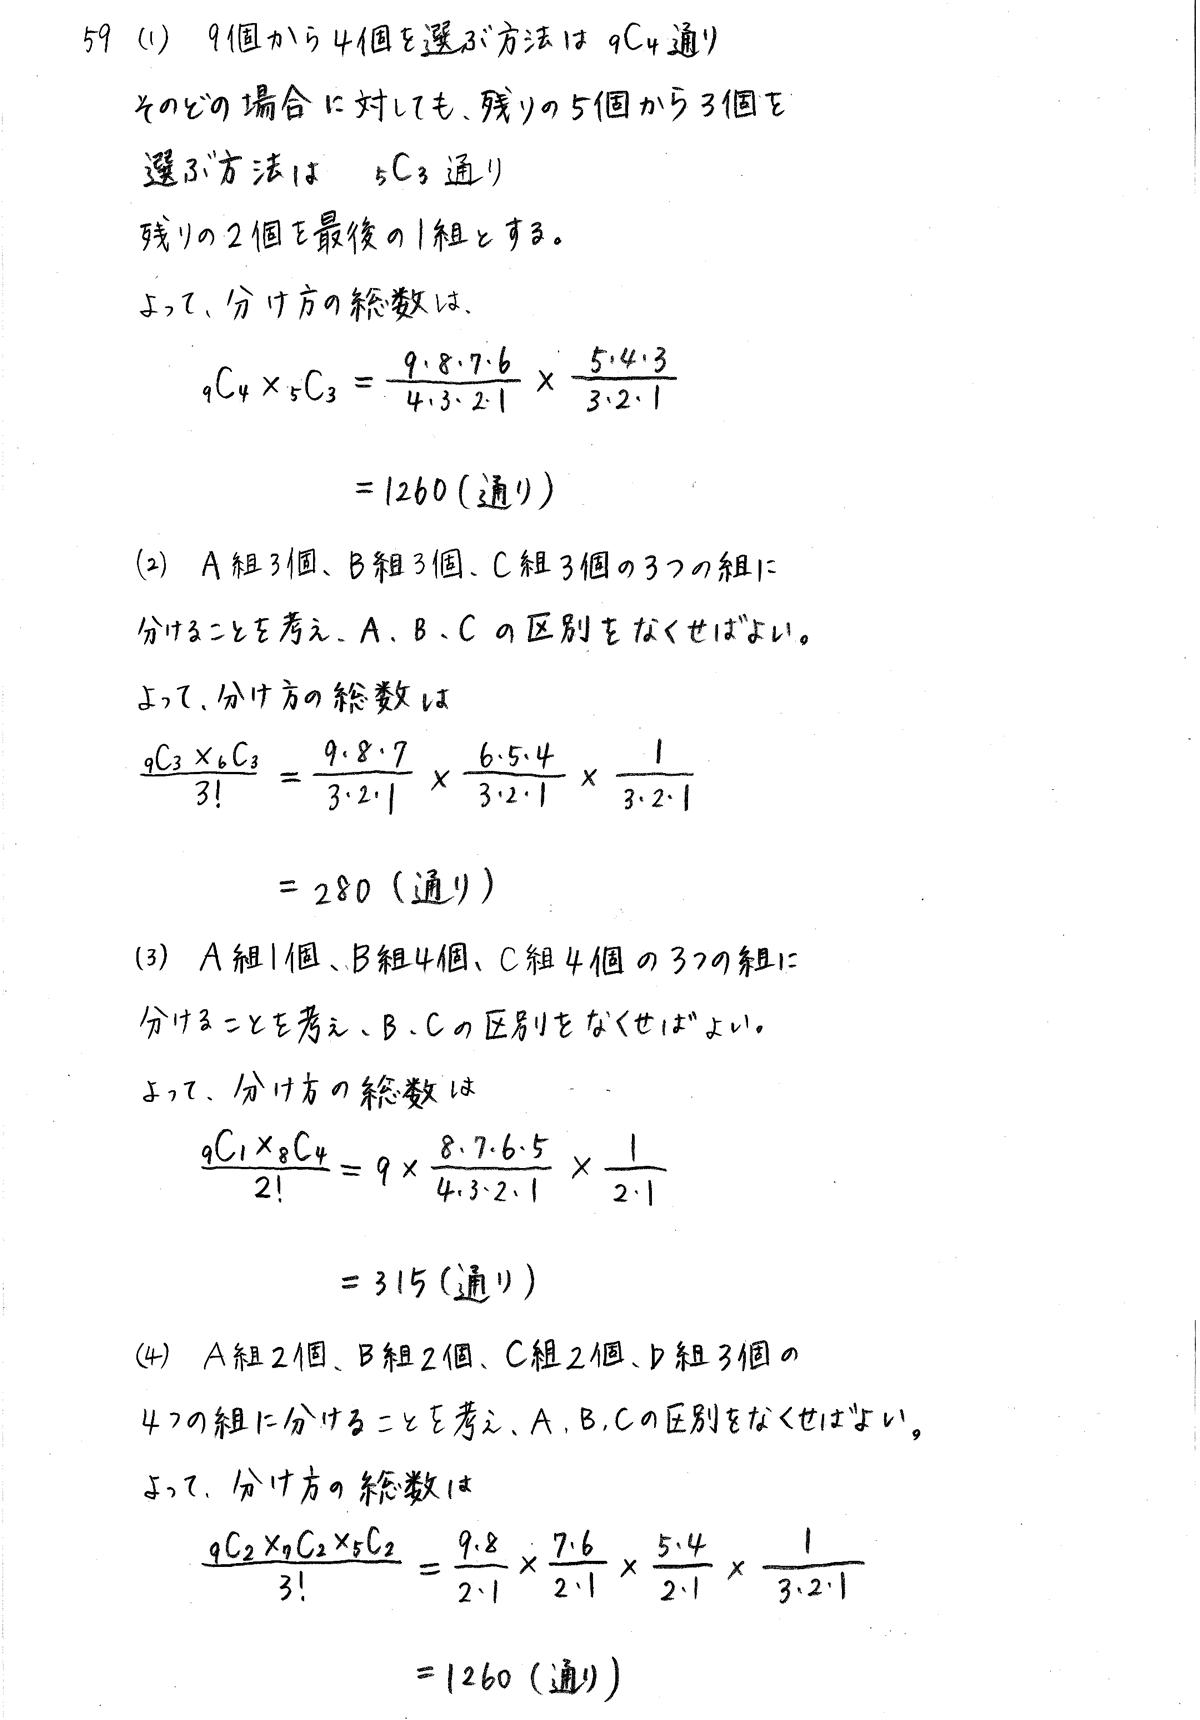 クリアー数学A-59解答